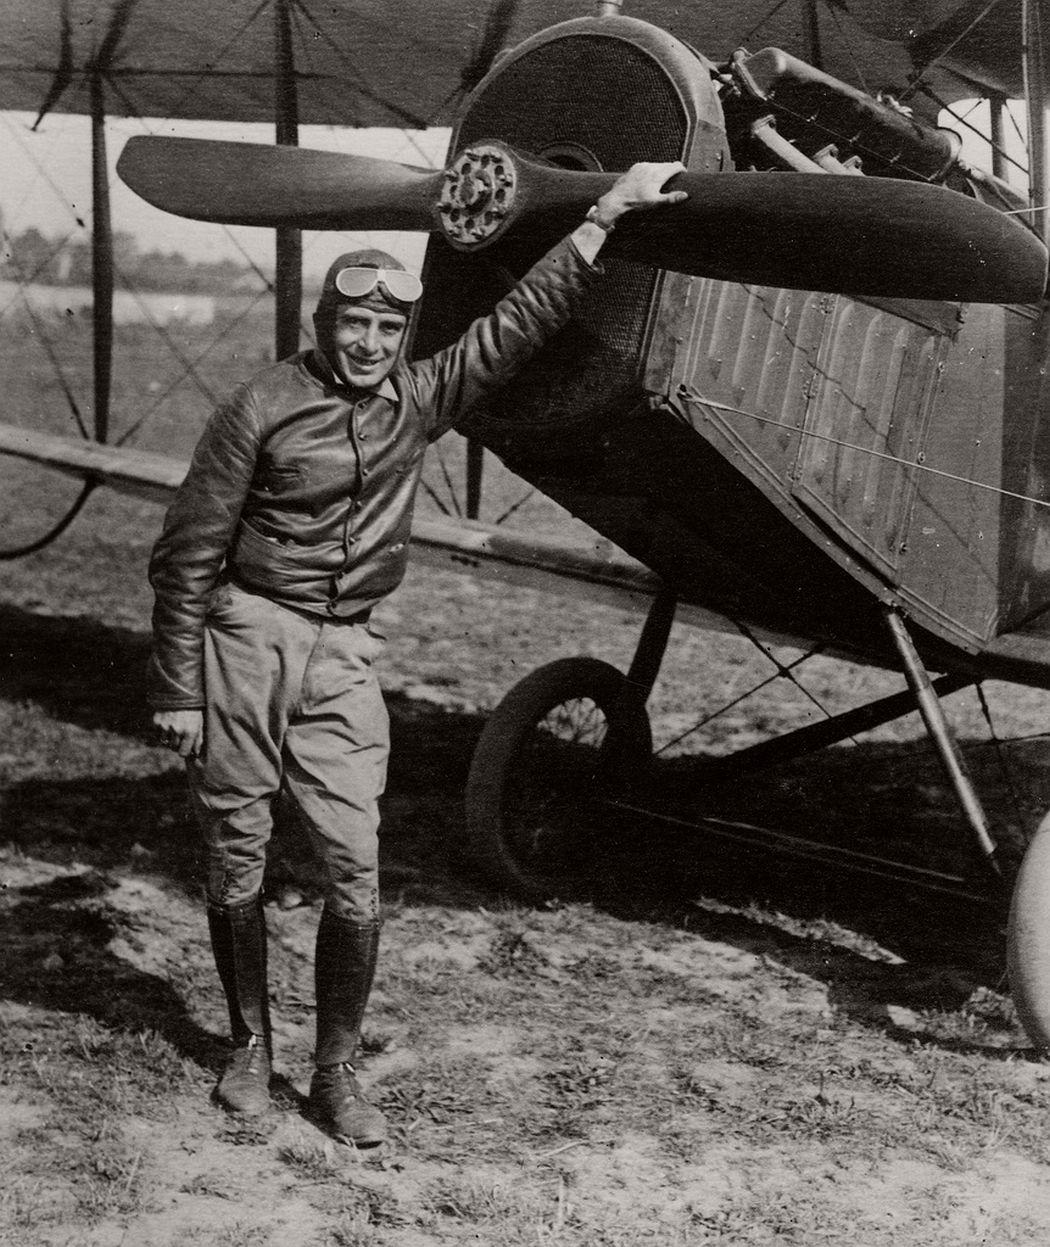 Airmail pilot Eddie Gardner, 1918